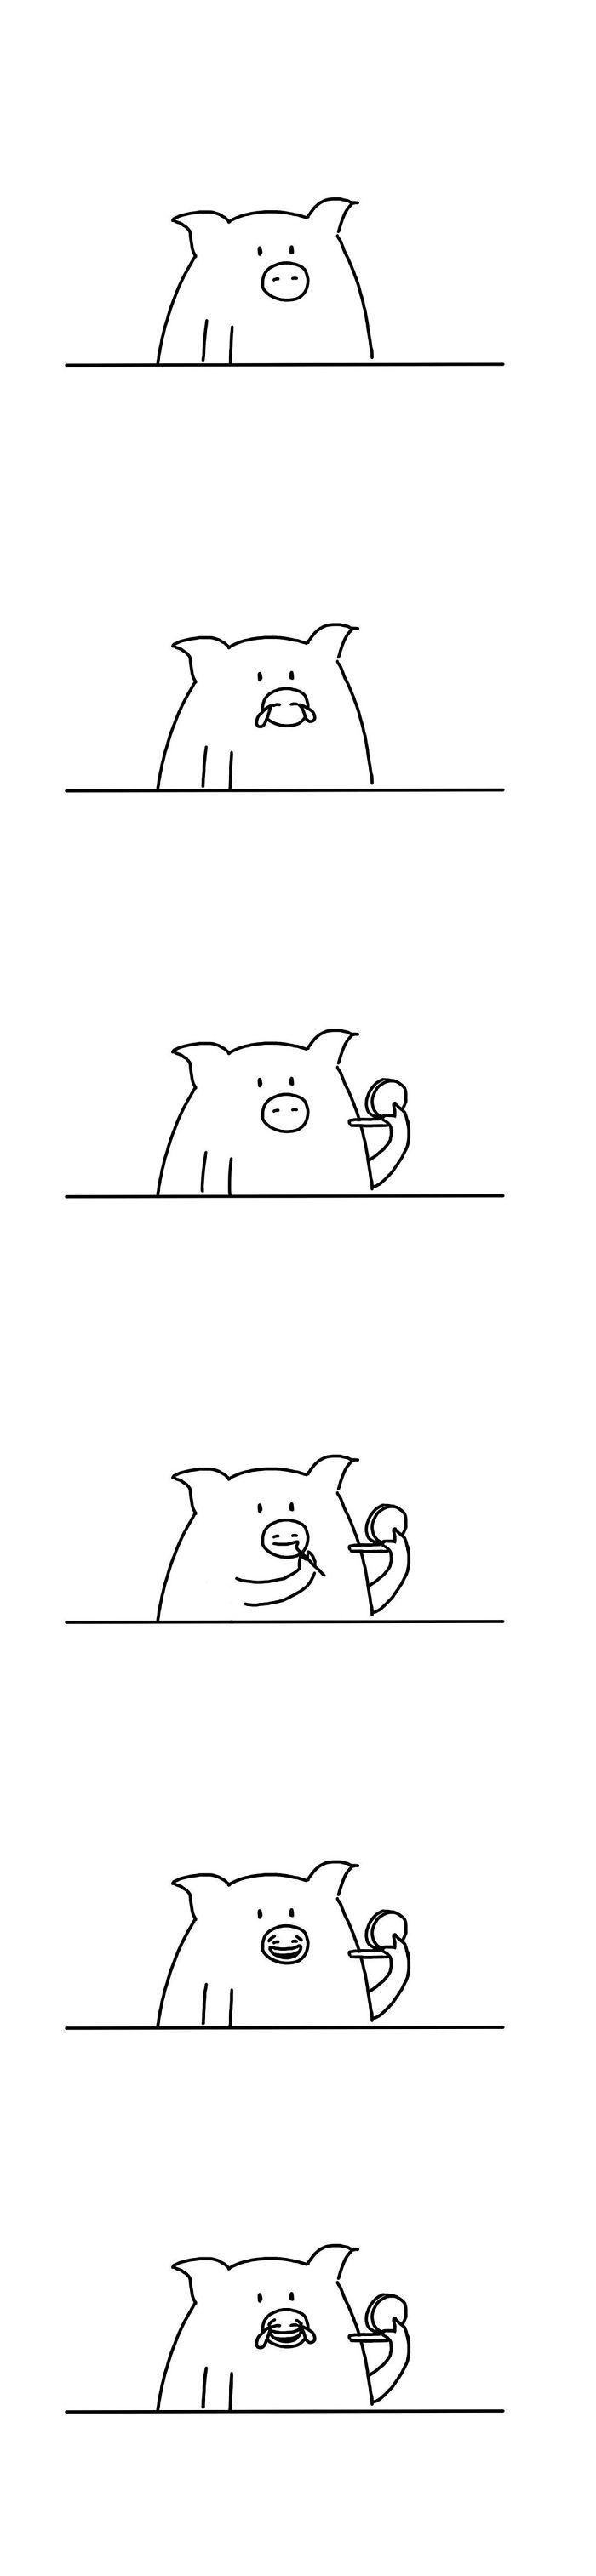 Artista chinês desenha quadrinhos engraçados com reviravoltas surpresa (35 fotos) 33